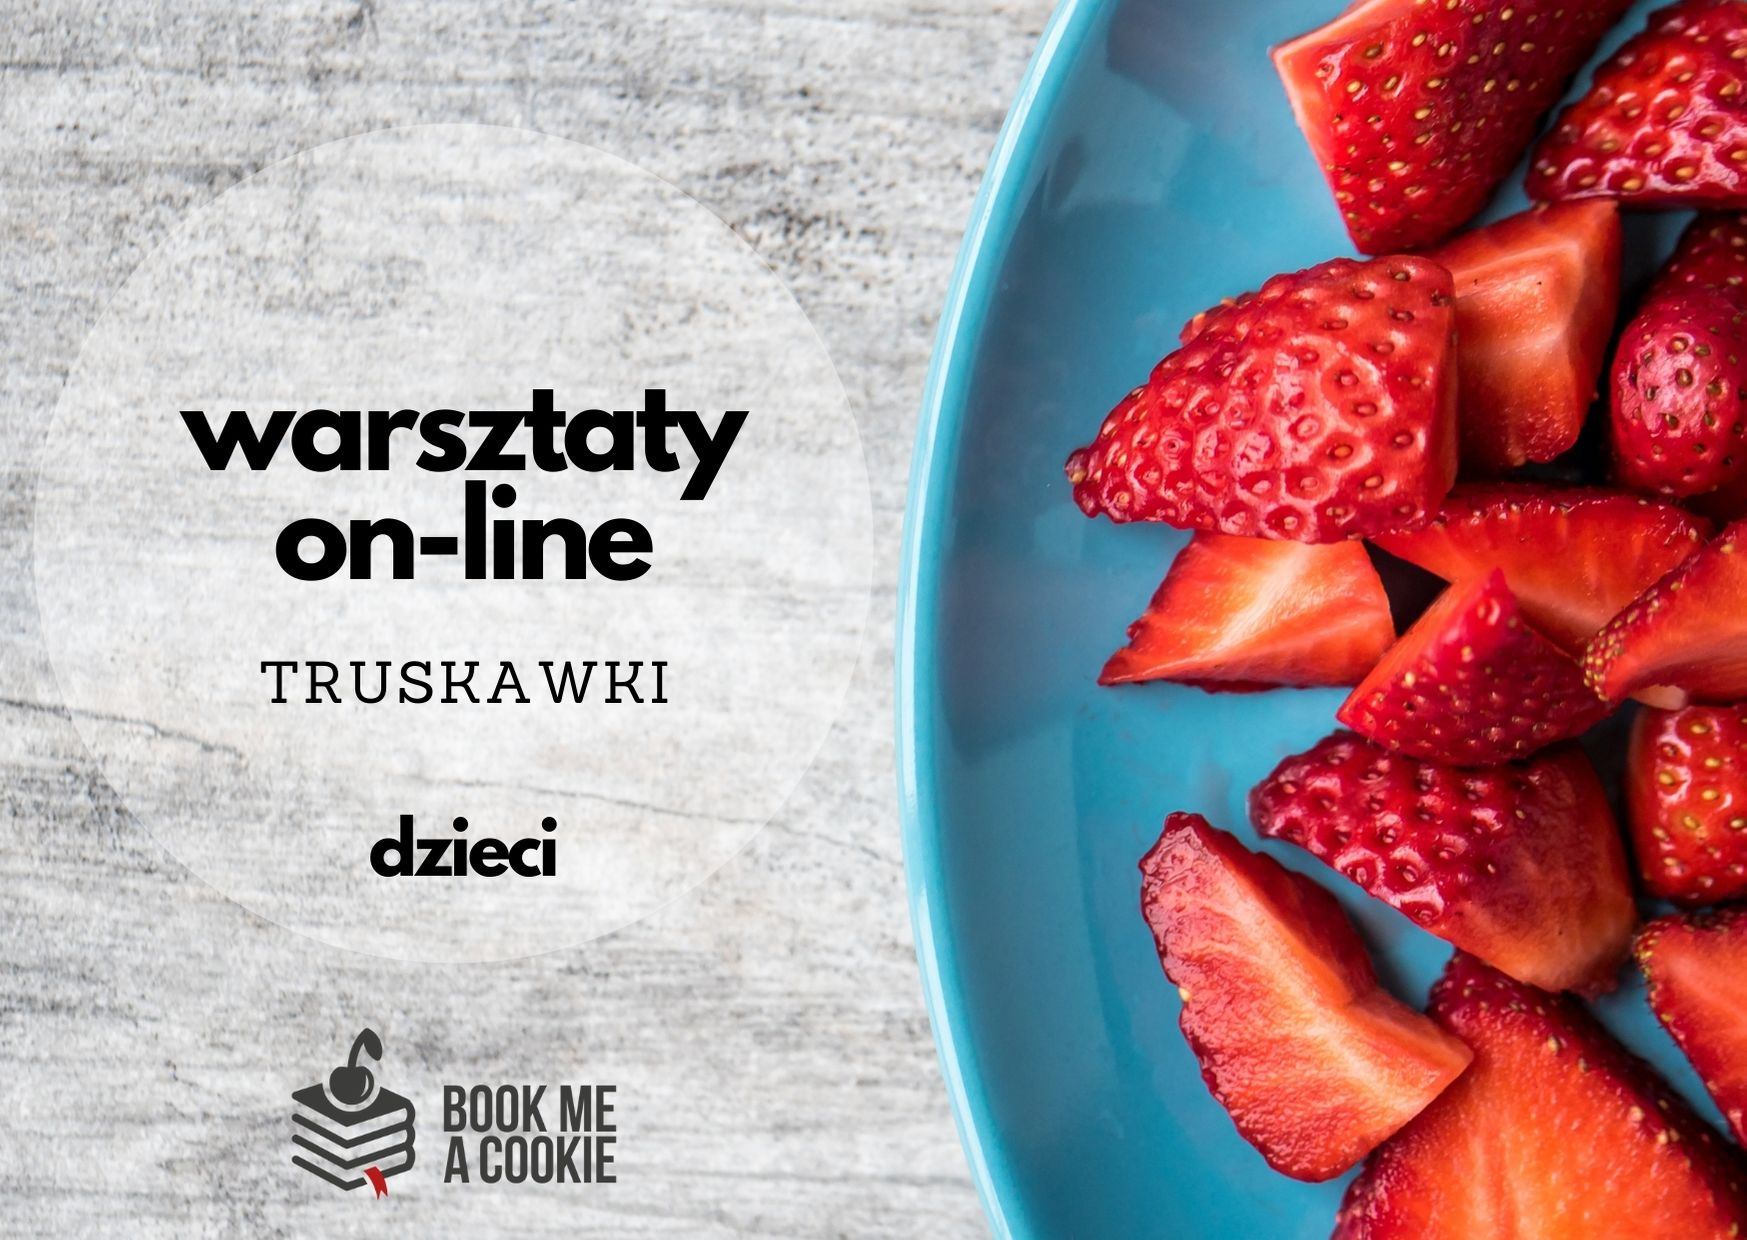 Warsztaty kulinarne ON-LINE: truskawki